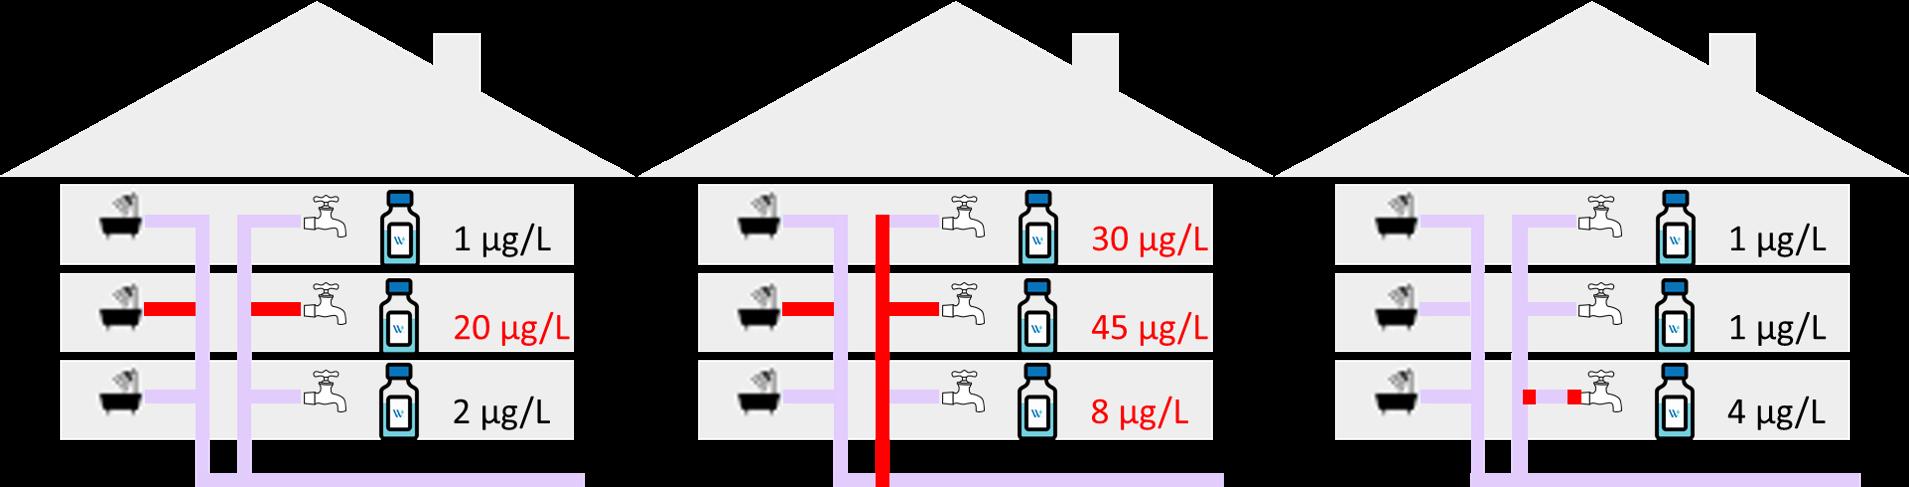 Voorbeeld uitkomsten loodtest gebouw